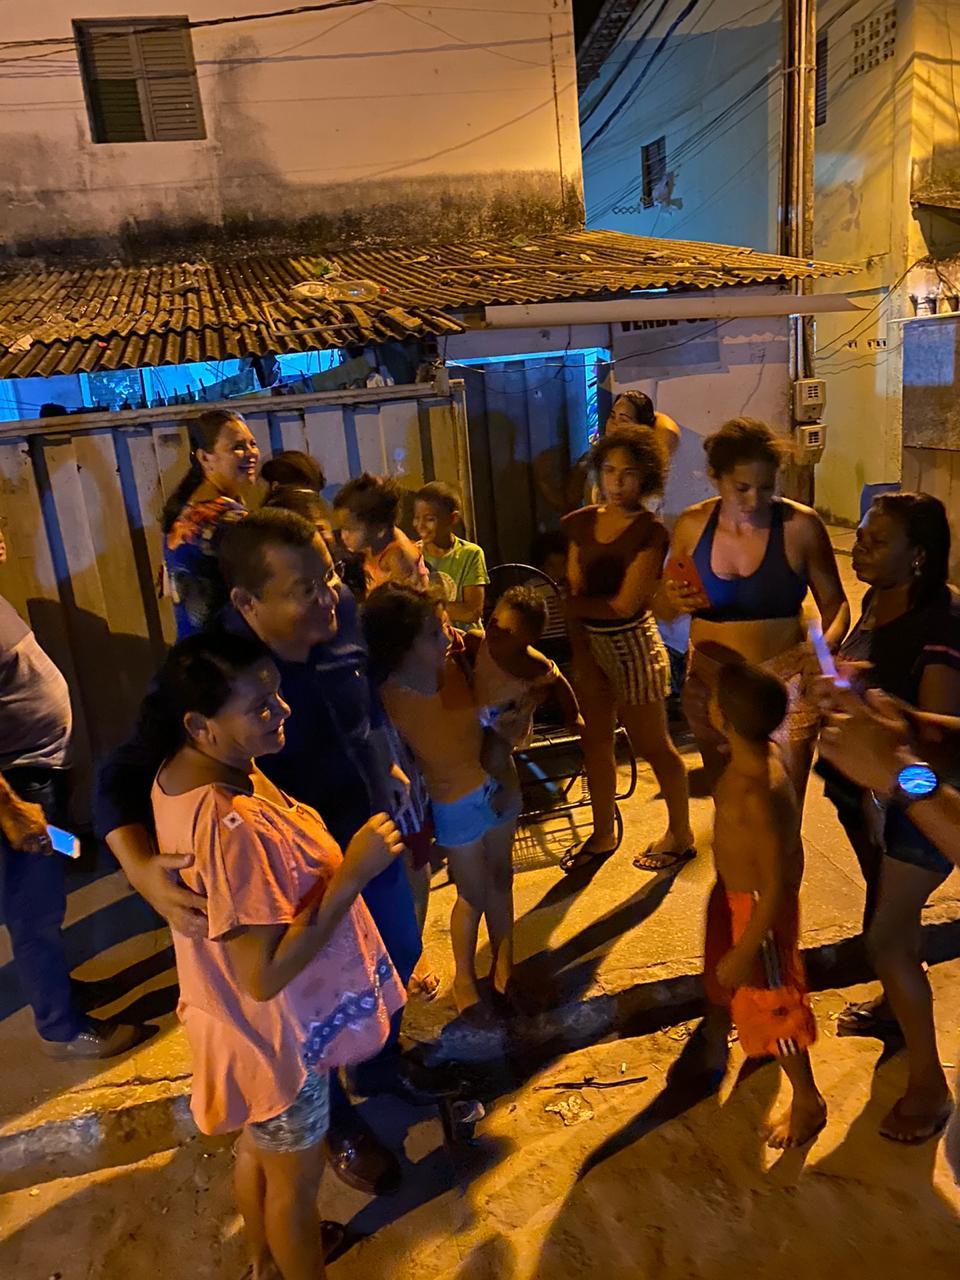 7399eecb d619 4dbf 9e5c 33e431a5edf7 - De olho nas eleições: Nilvan Ferreira visita bairro do Valentina fortificando sua pré-campanha à prefeito da Capital